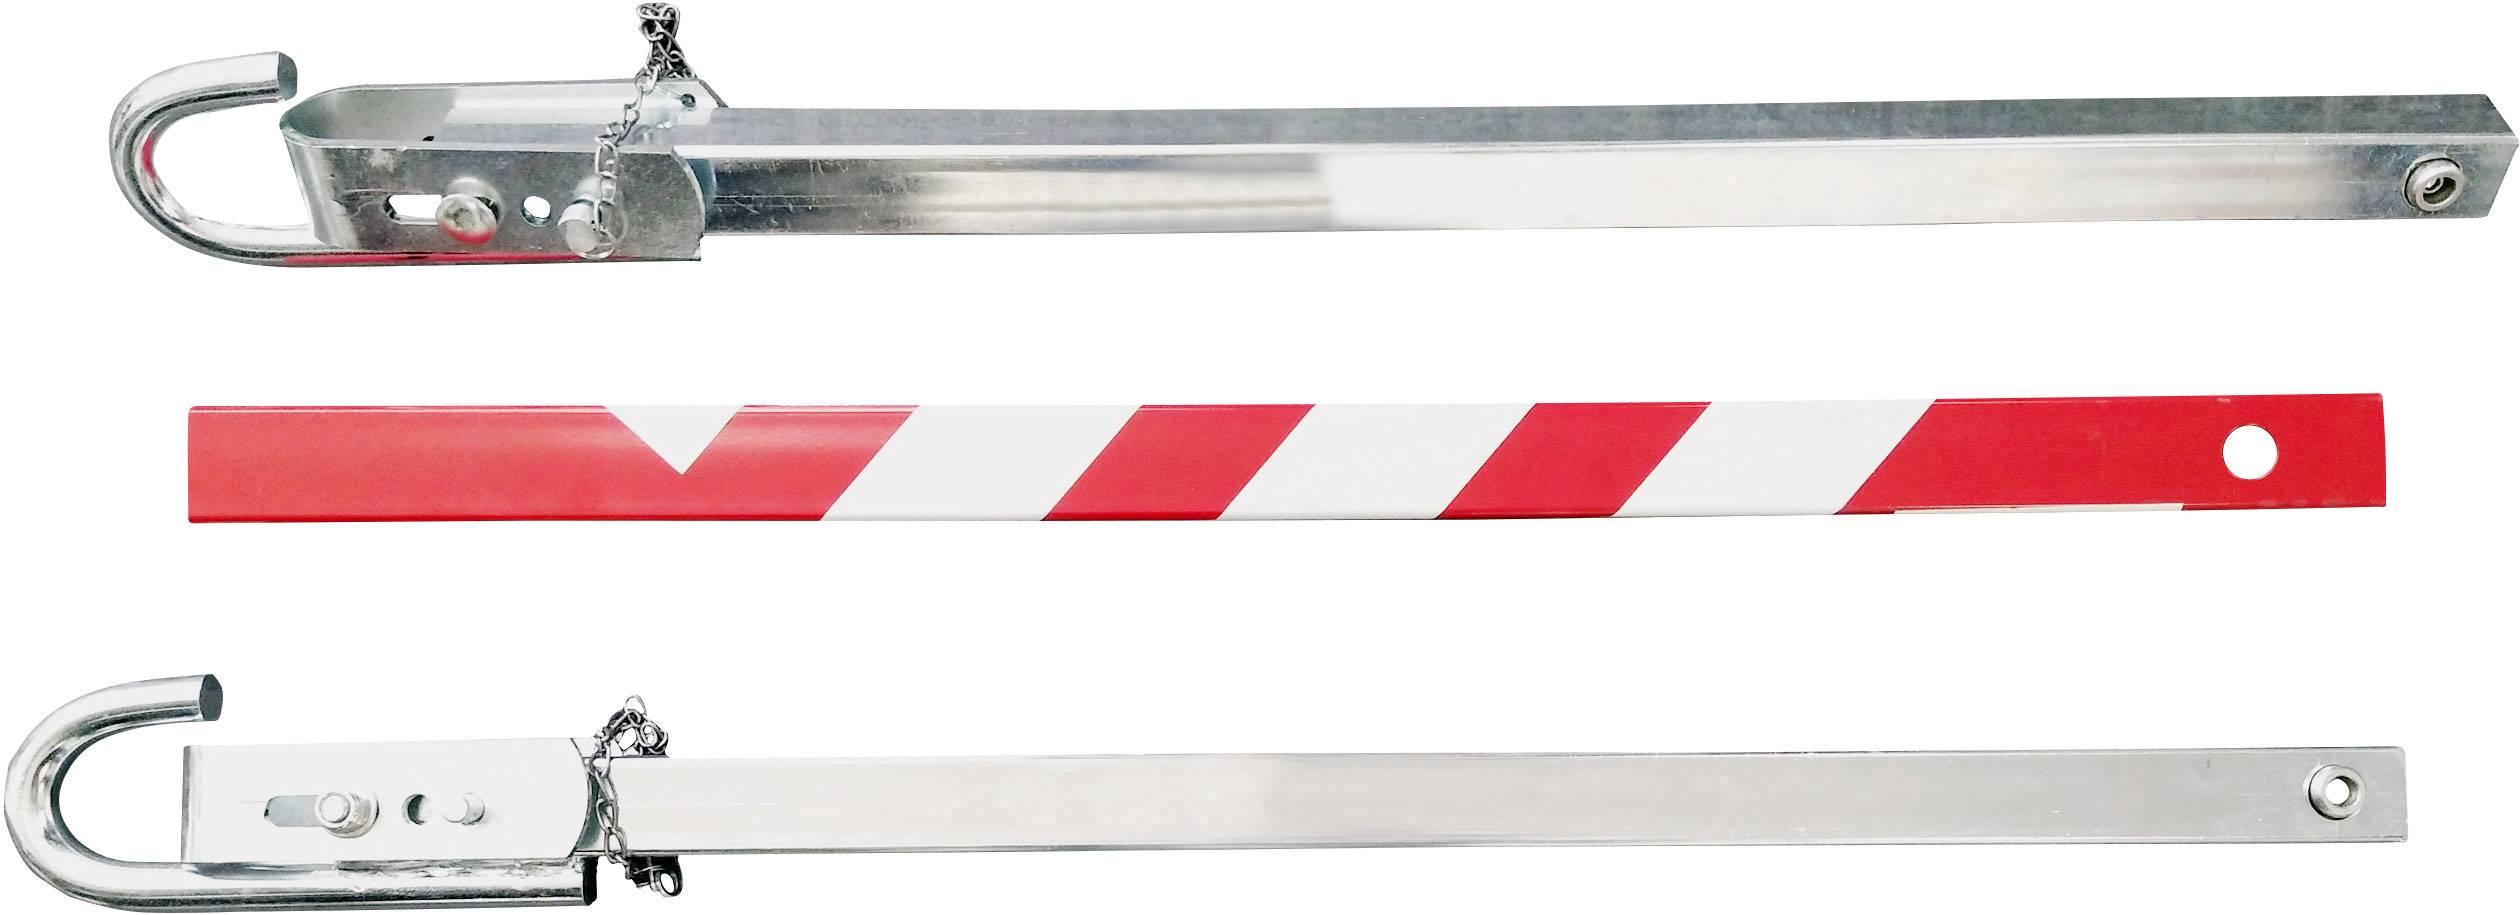 Abschleppstange auch für Anhängerkupplung  2,5 t geeignet  180cm